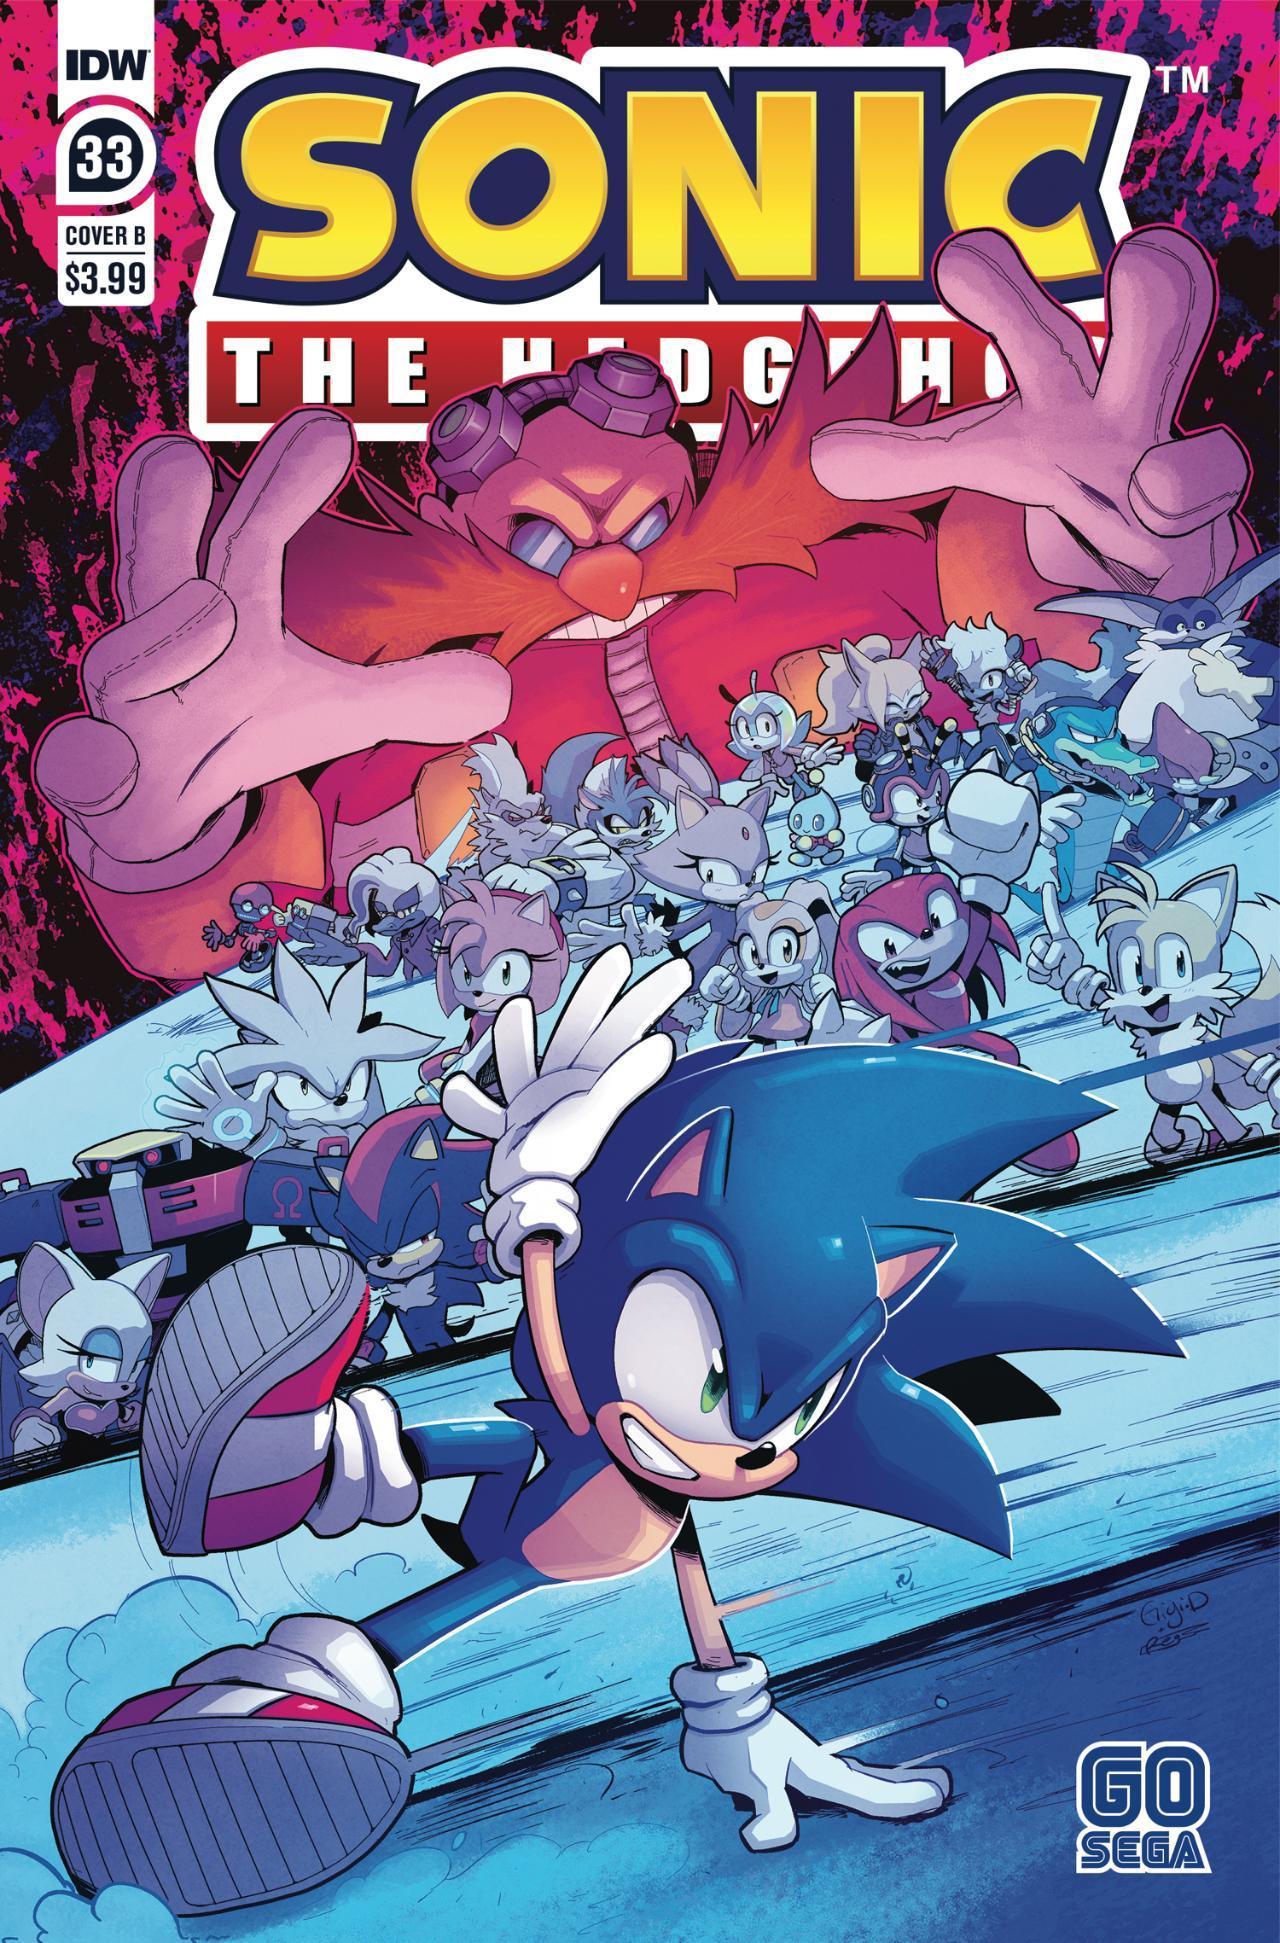 Sonic The Hedgehog #33 - Cover B by Gigi Dutreix & Reggie Graham